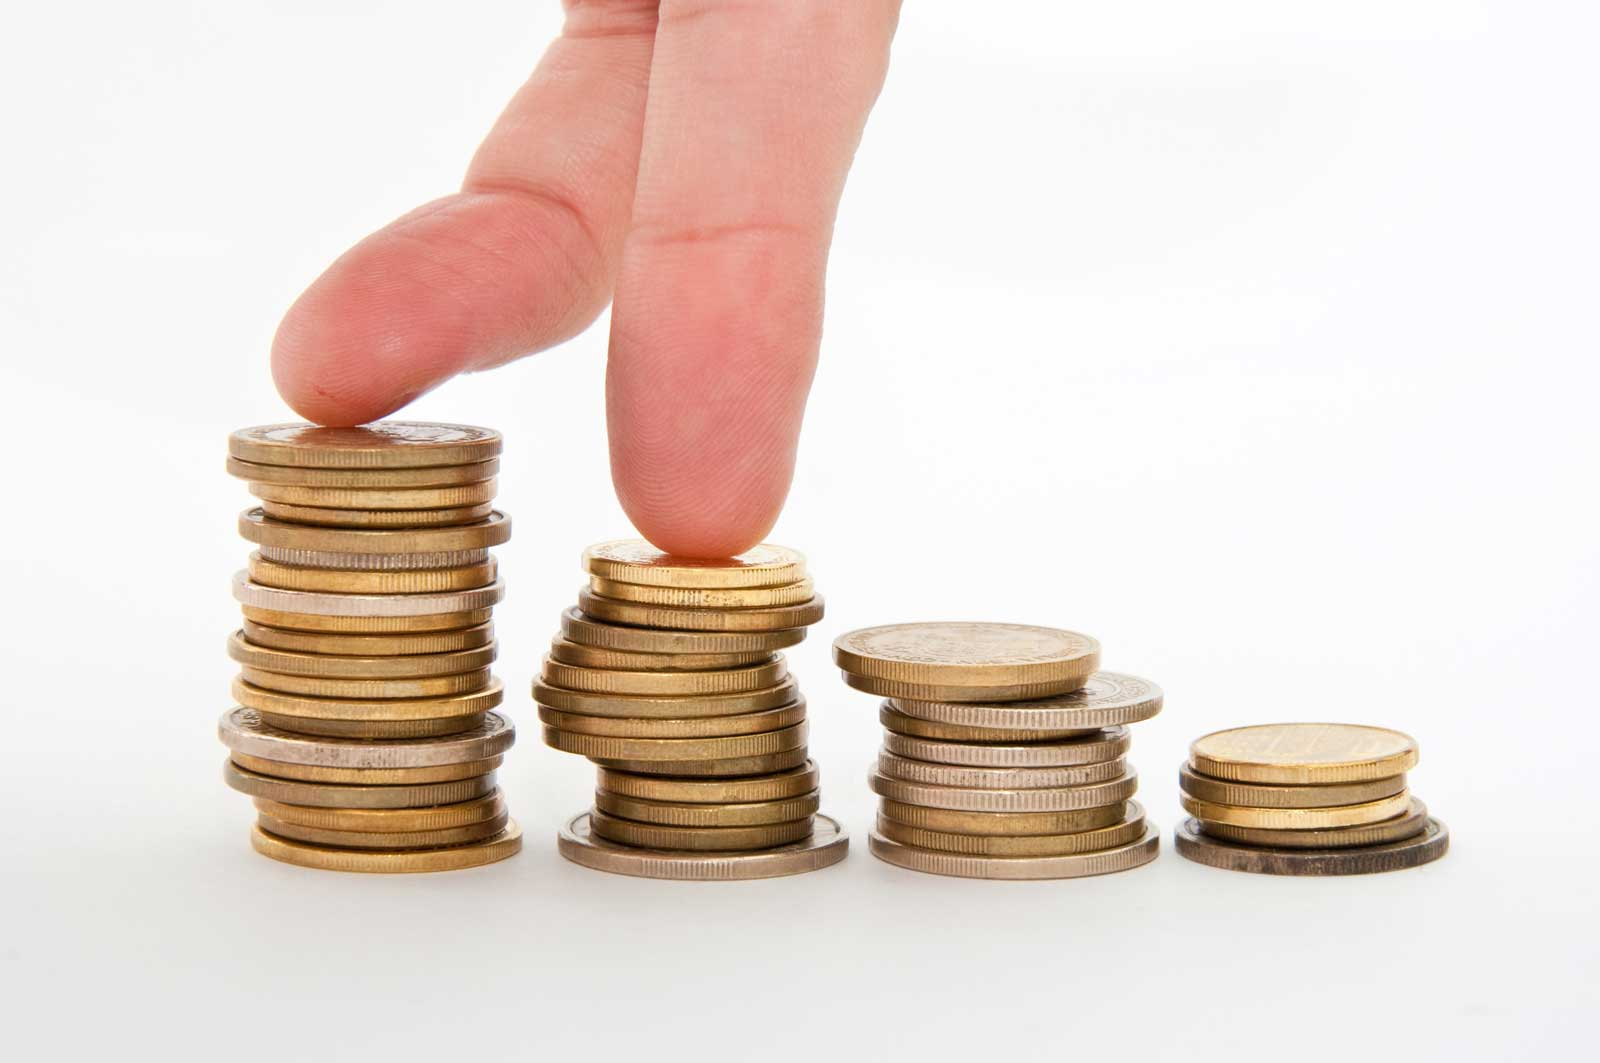 Reduzcamos el gasto y el déficit fiscal